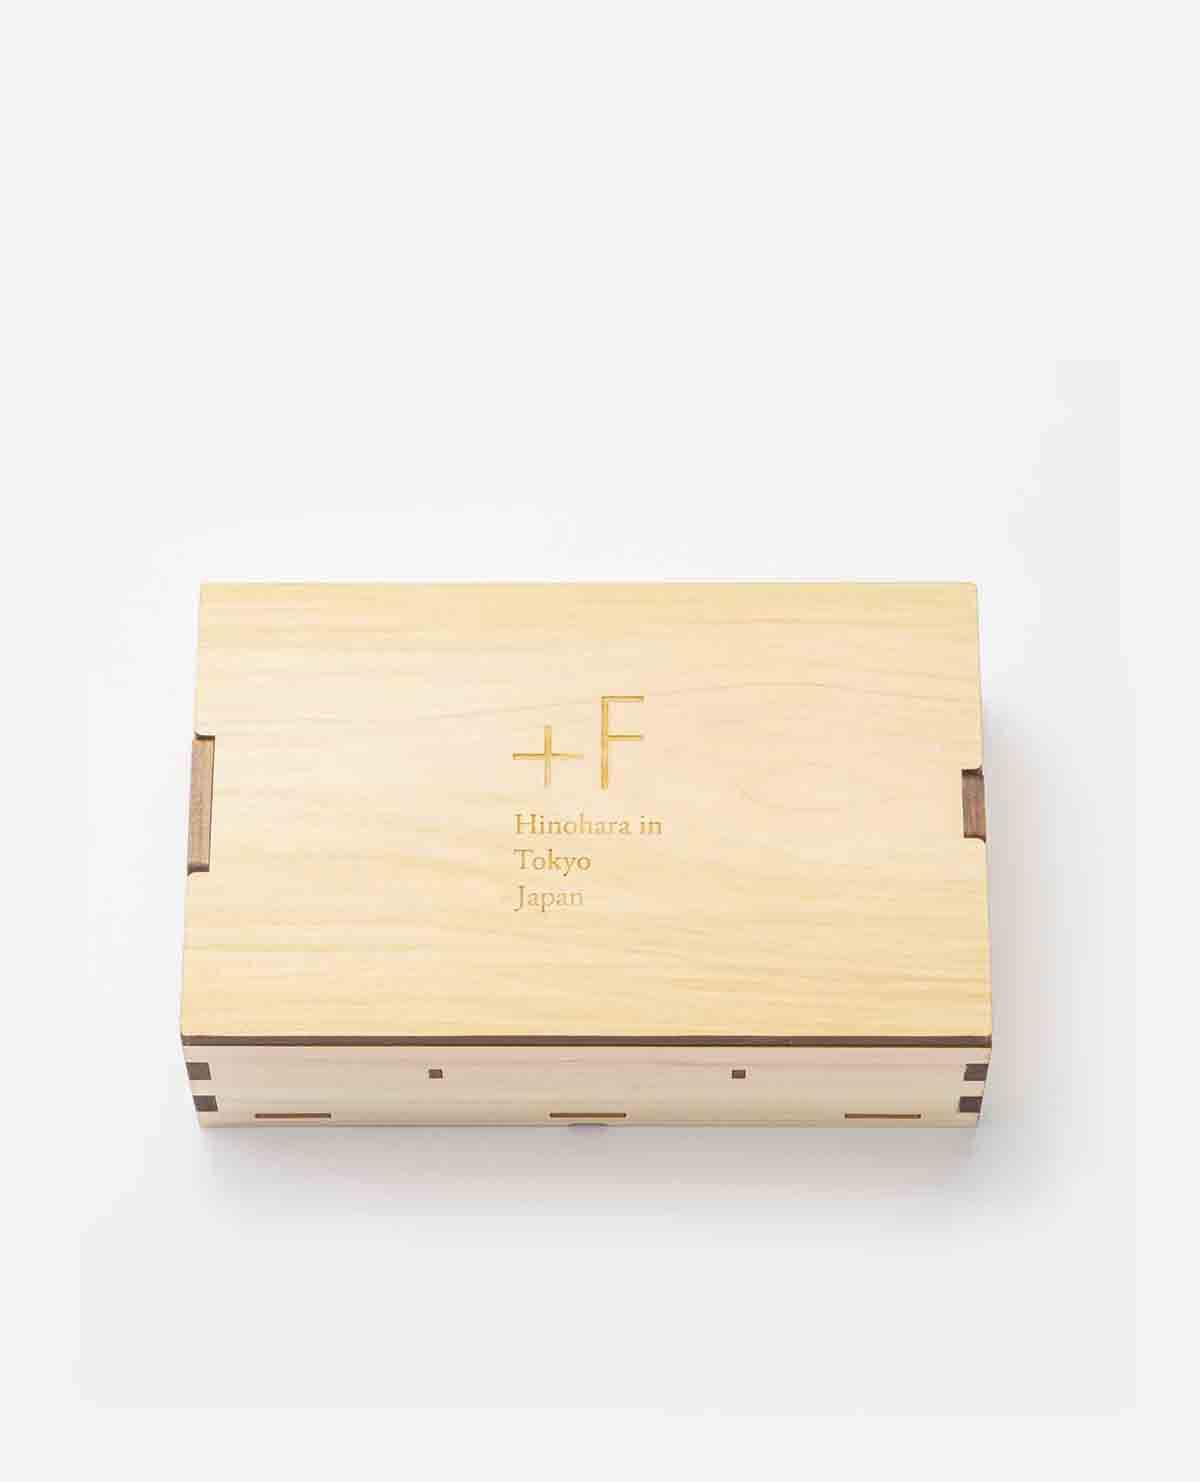 マスク専用 檜の木箱&精油セット